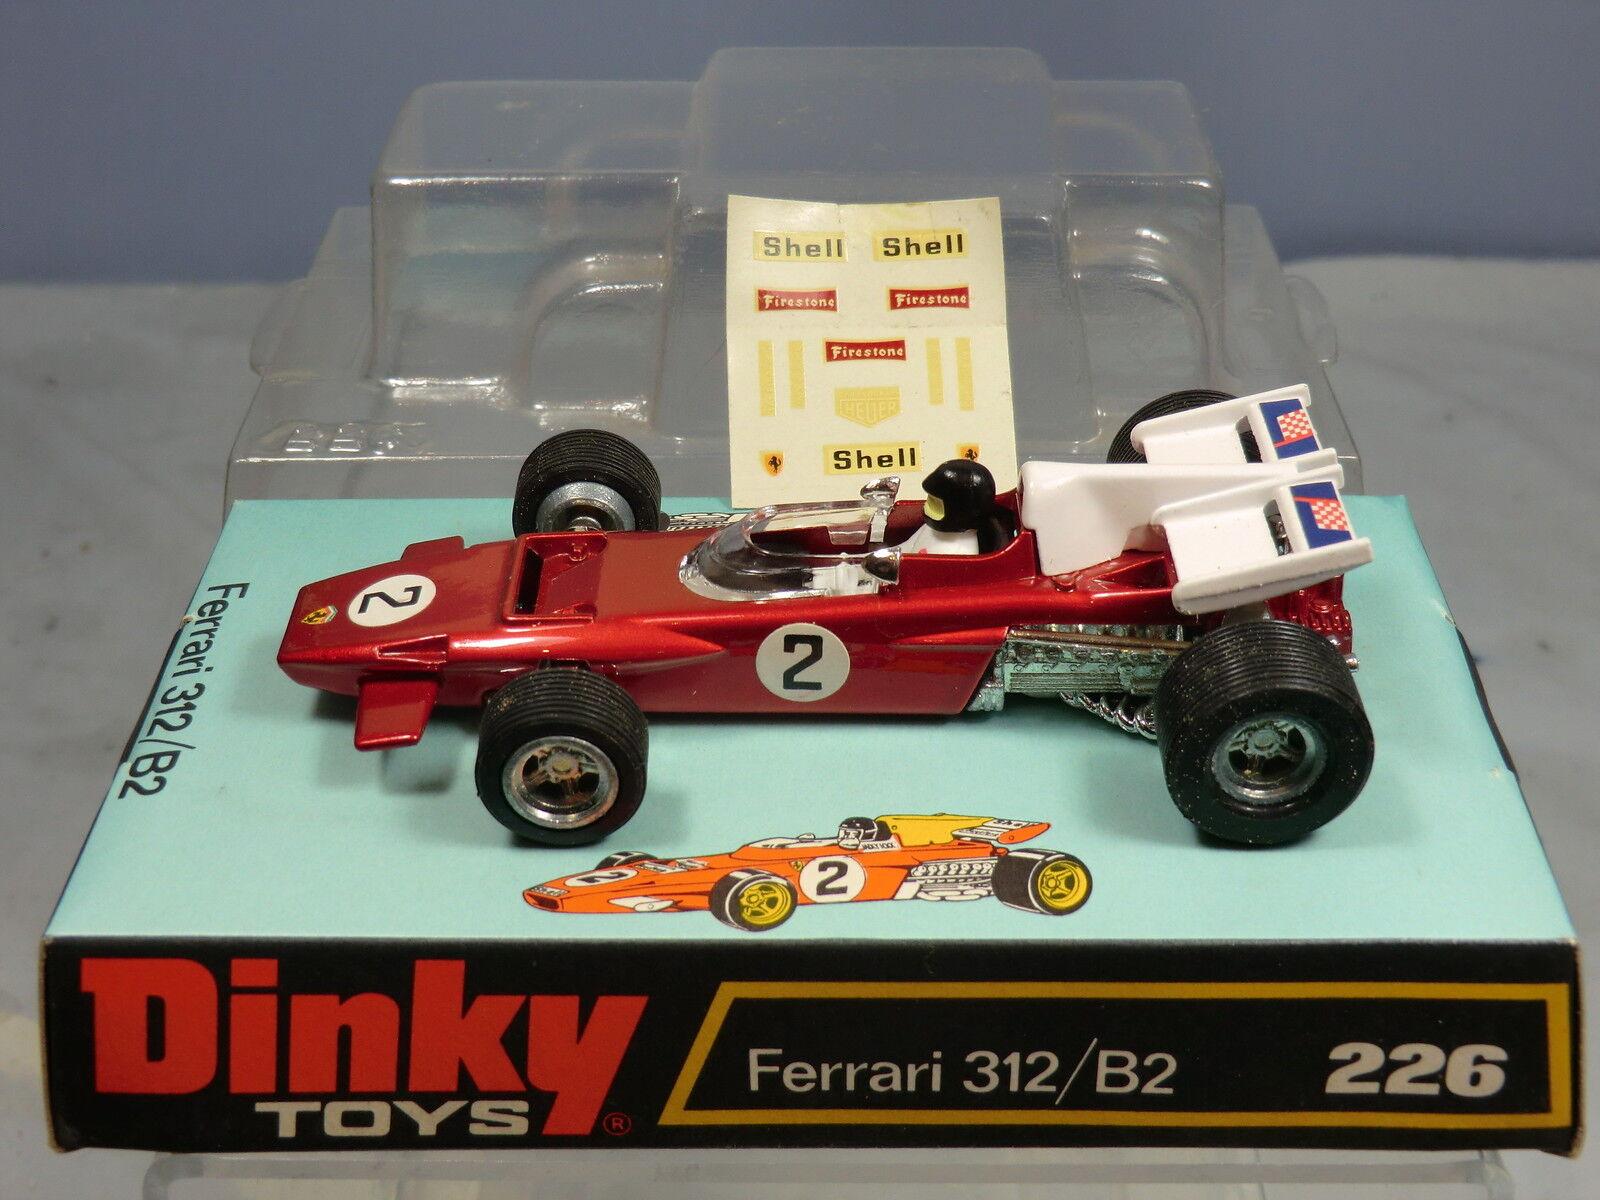 Ein schäbiger spielzeug - modell no.226 ferrari 312   b2 rennwagen mib